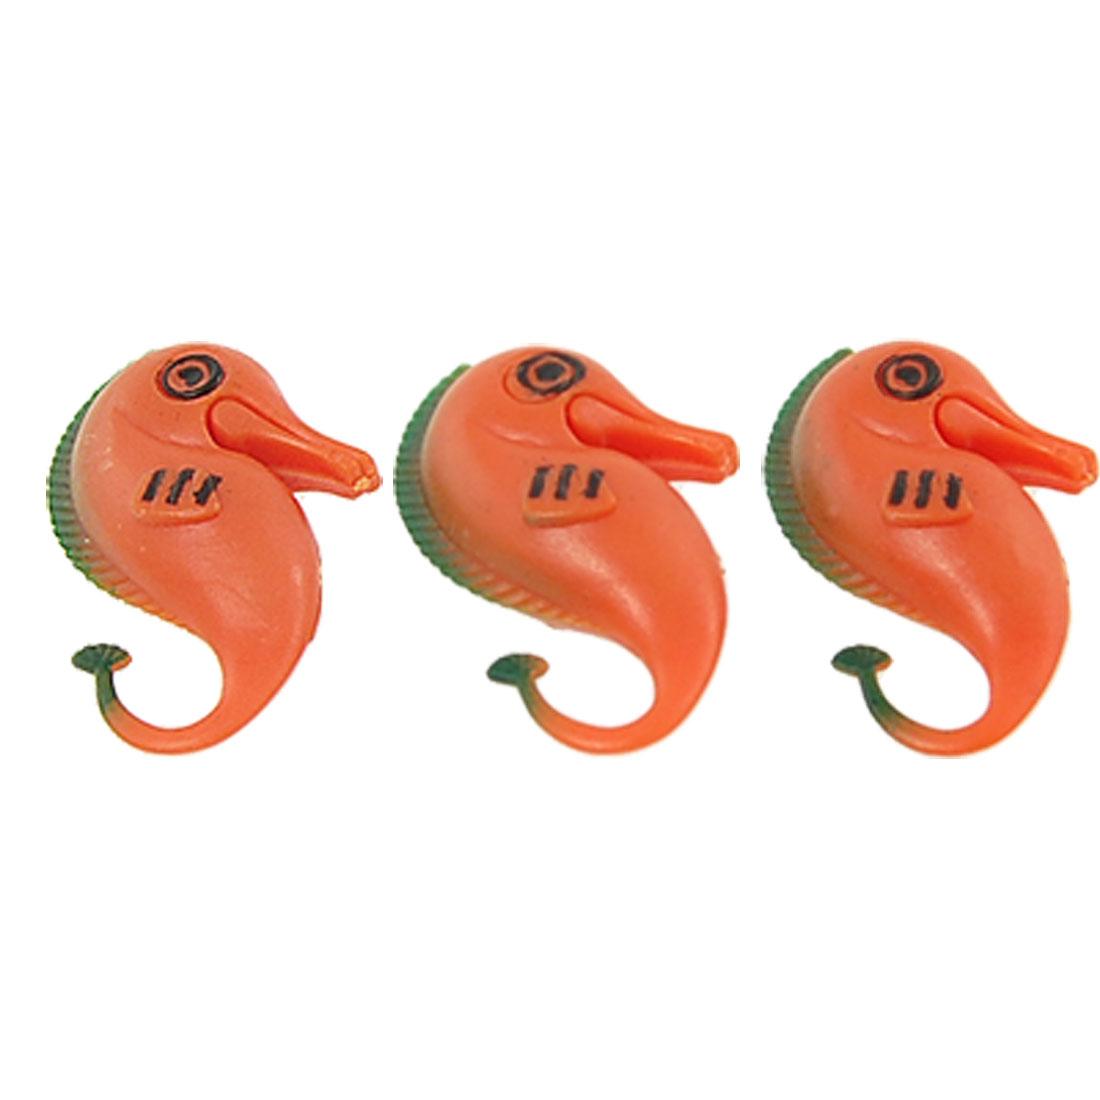 Fish Aquarium 3 Pcs Orange Plastic Seahorse Ornament Decor